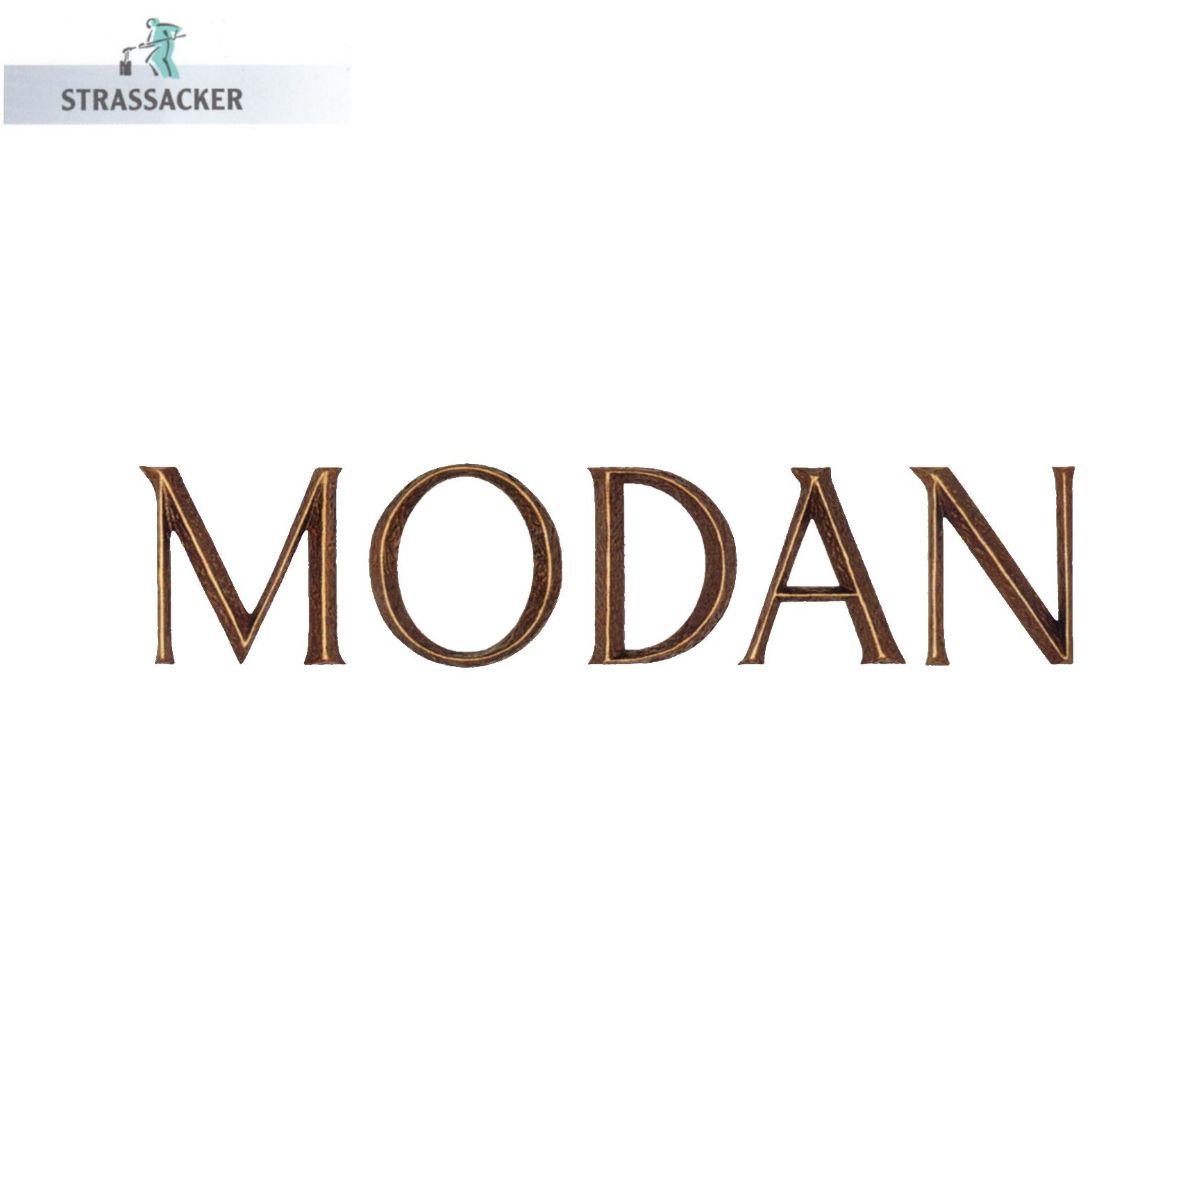 Bronzebuchstaben Modan Von Strassacker - Buchstaben Fuer Grabsteine